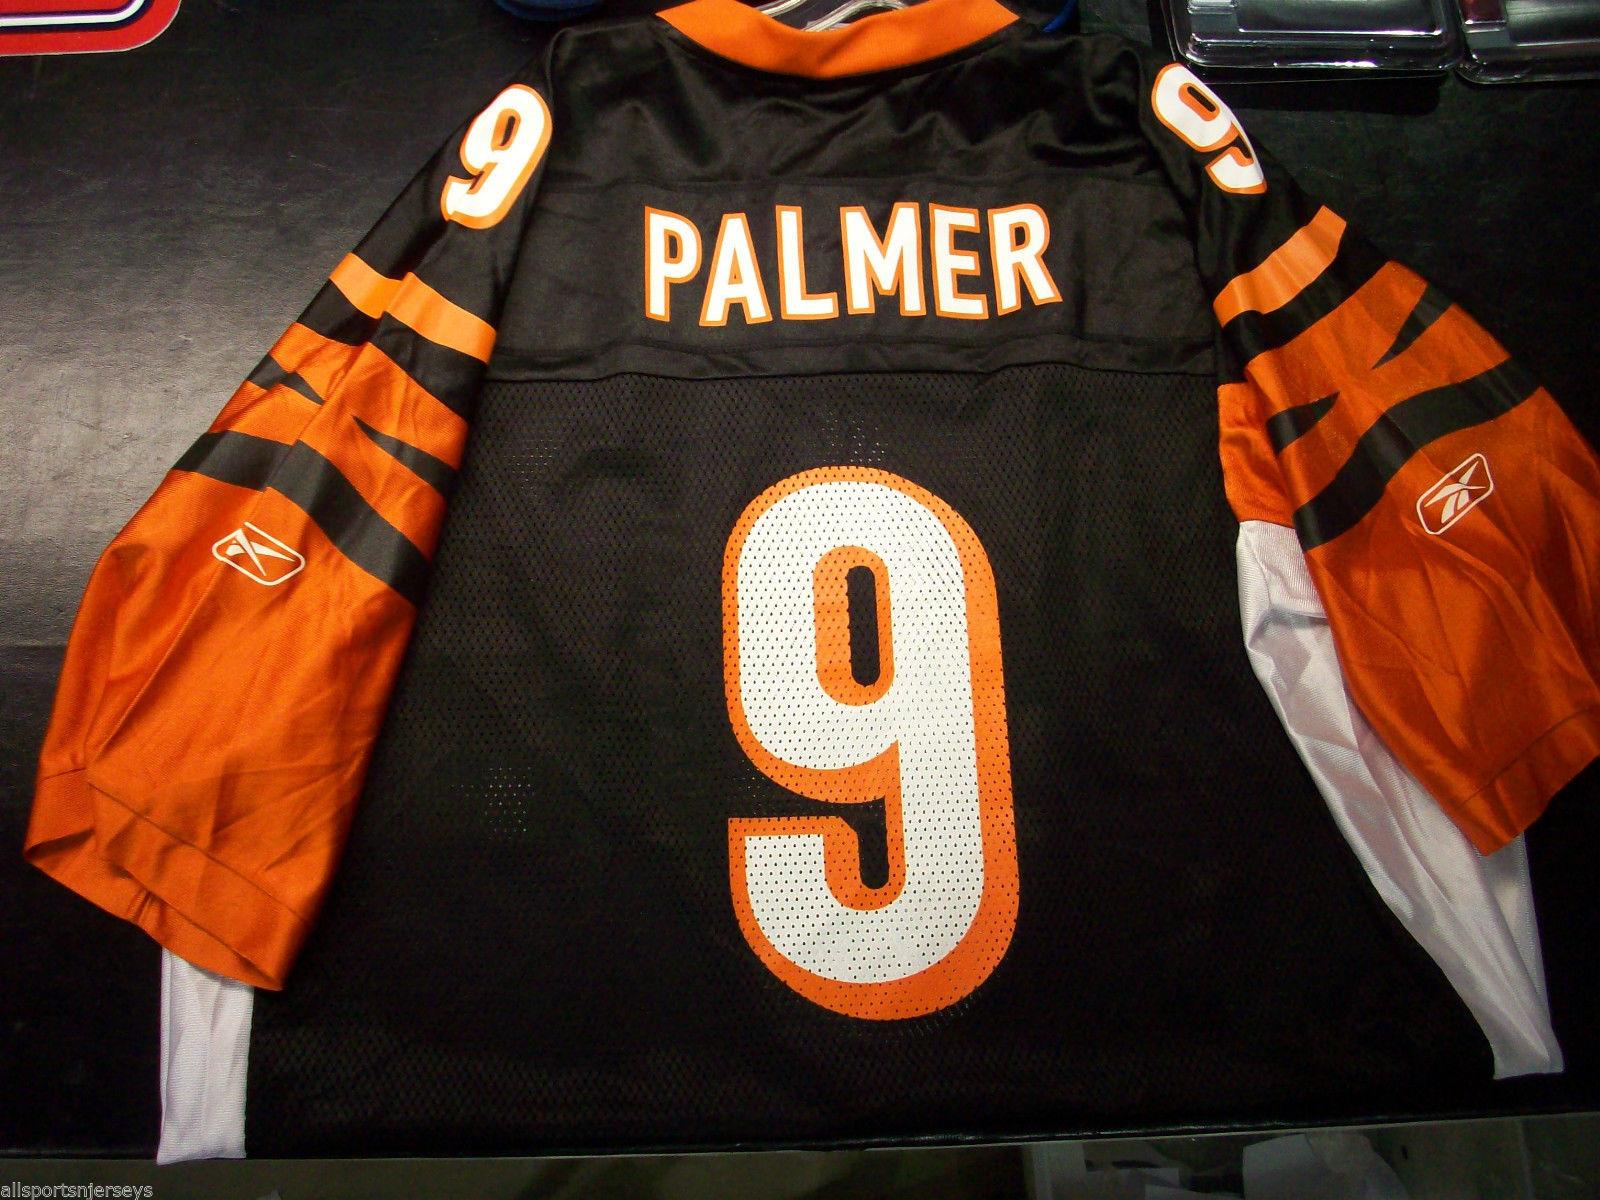 c780724a9e0 New Nfl Cincinnati Bengals Carson Palmer #9 and 50 similar items. S l1600